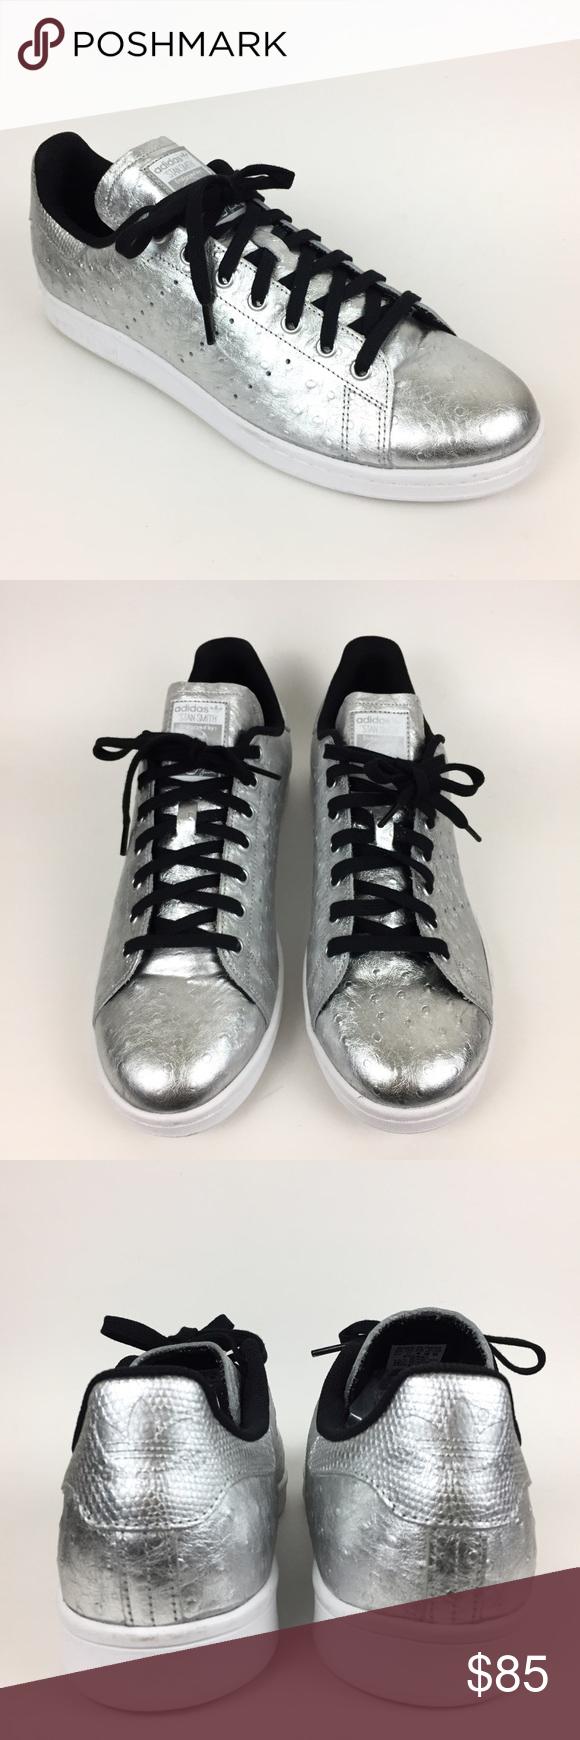 Adidas stan smith originale di formatori d'argento di argento